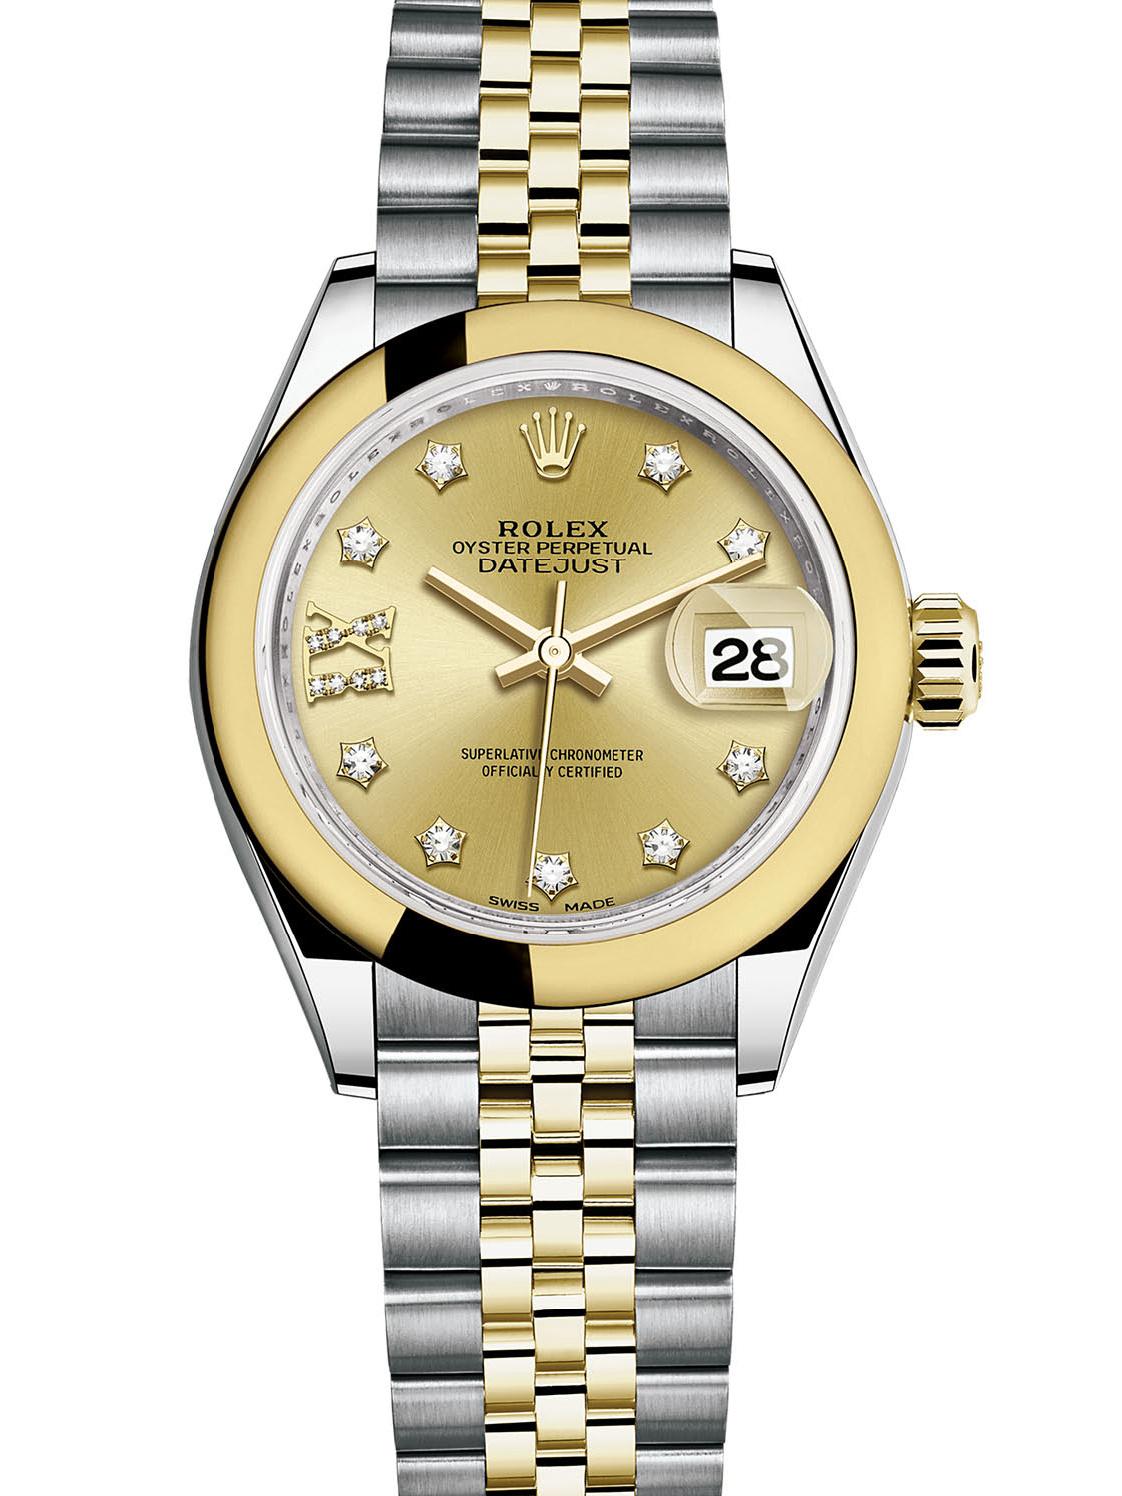 劳力士女装日志型28黄金钢金面钻标女表279163-0022